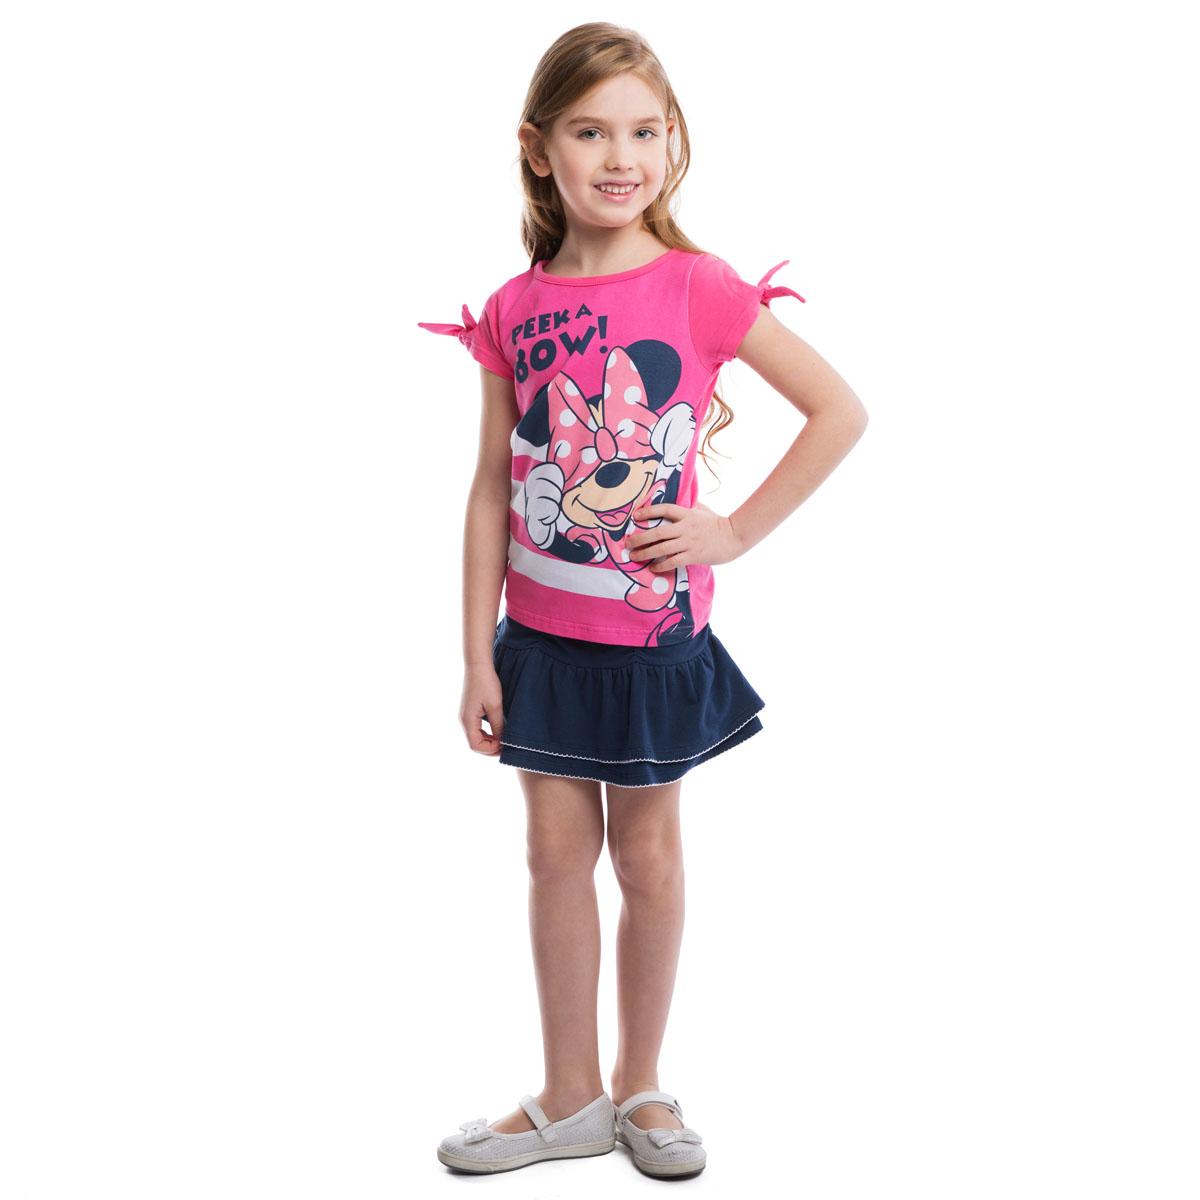 Футболка для девочки Disney. 962002962002Футболка для девочки PlayToday Disney идеально подойдет вашей маленькой моднице и станет отличным дополнением к ее гардеробу. Изготовленная из эластичного хлопка, она мягкая и приятная на ощупь, не сковывает движения ребенка и позволяет коже дышать, обеспечивая наибольший комфорт. Футболка с круглым вырезом горловины и короткими рукавами с завязками. Модель оформлена забавным принтом с изображением Минни-маус. В такой футболке ваша маленькая принцесса будет чувствовать себя комфортно, уютно и всегда будет в центре внимания!